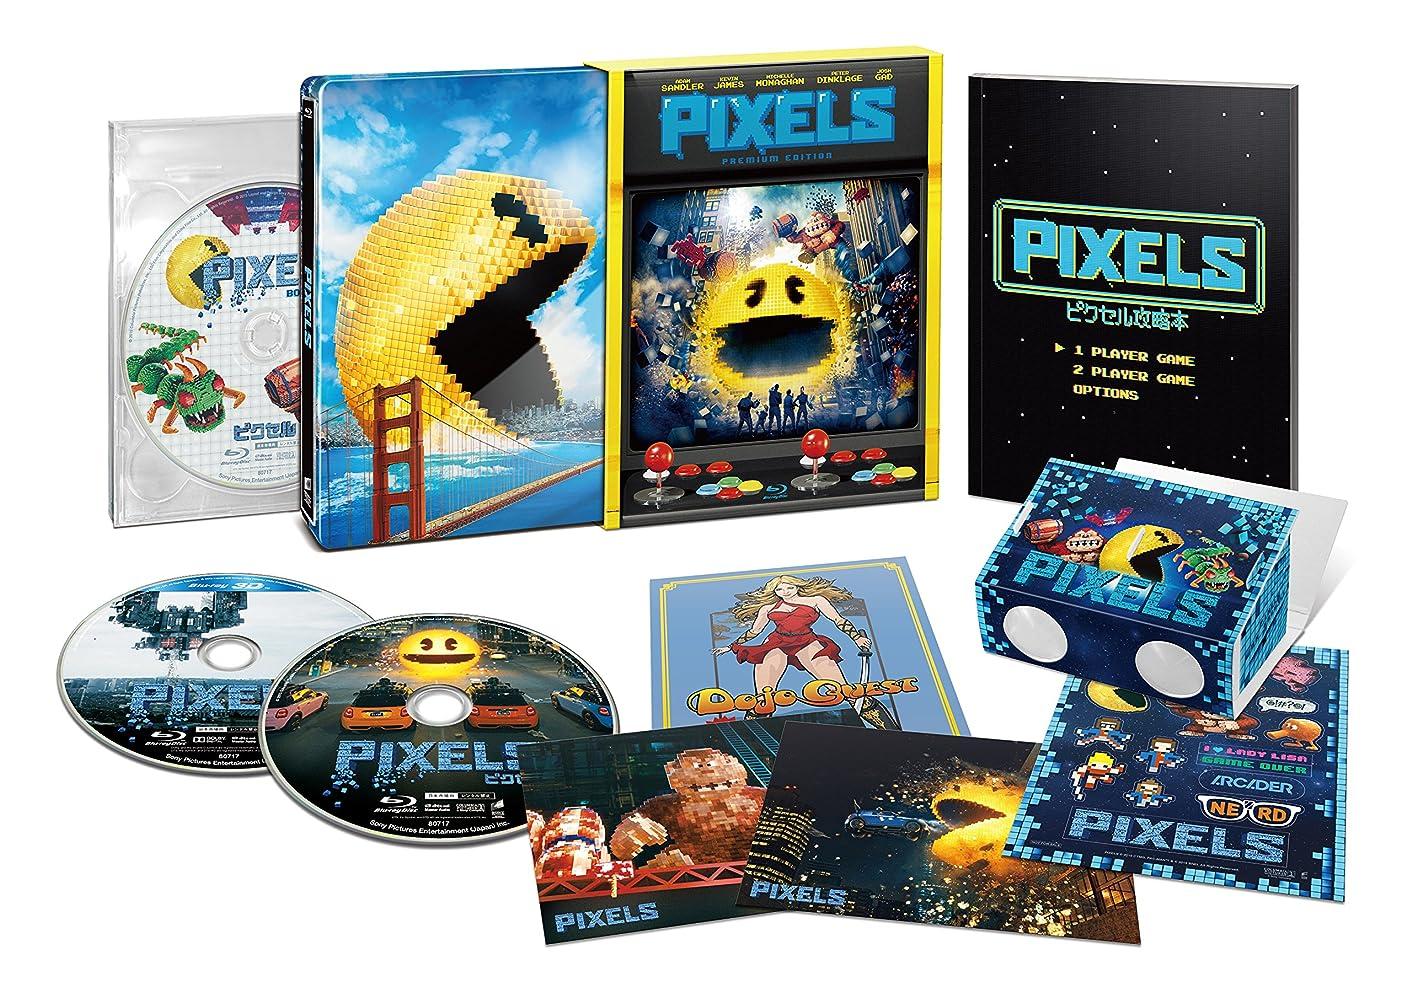 呪い認めるフォーム【Amazon.co.jp先行販売】 ピクセル / PIXEL IN 3D ブルーレイ プレミアム?エディション スチールブック仕様(3枚組) (初回限定版) [Steelbook] [Blu-ray]